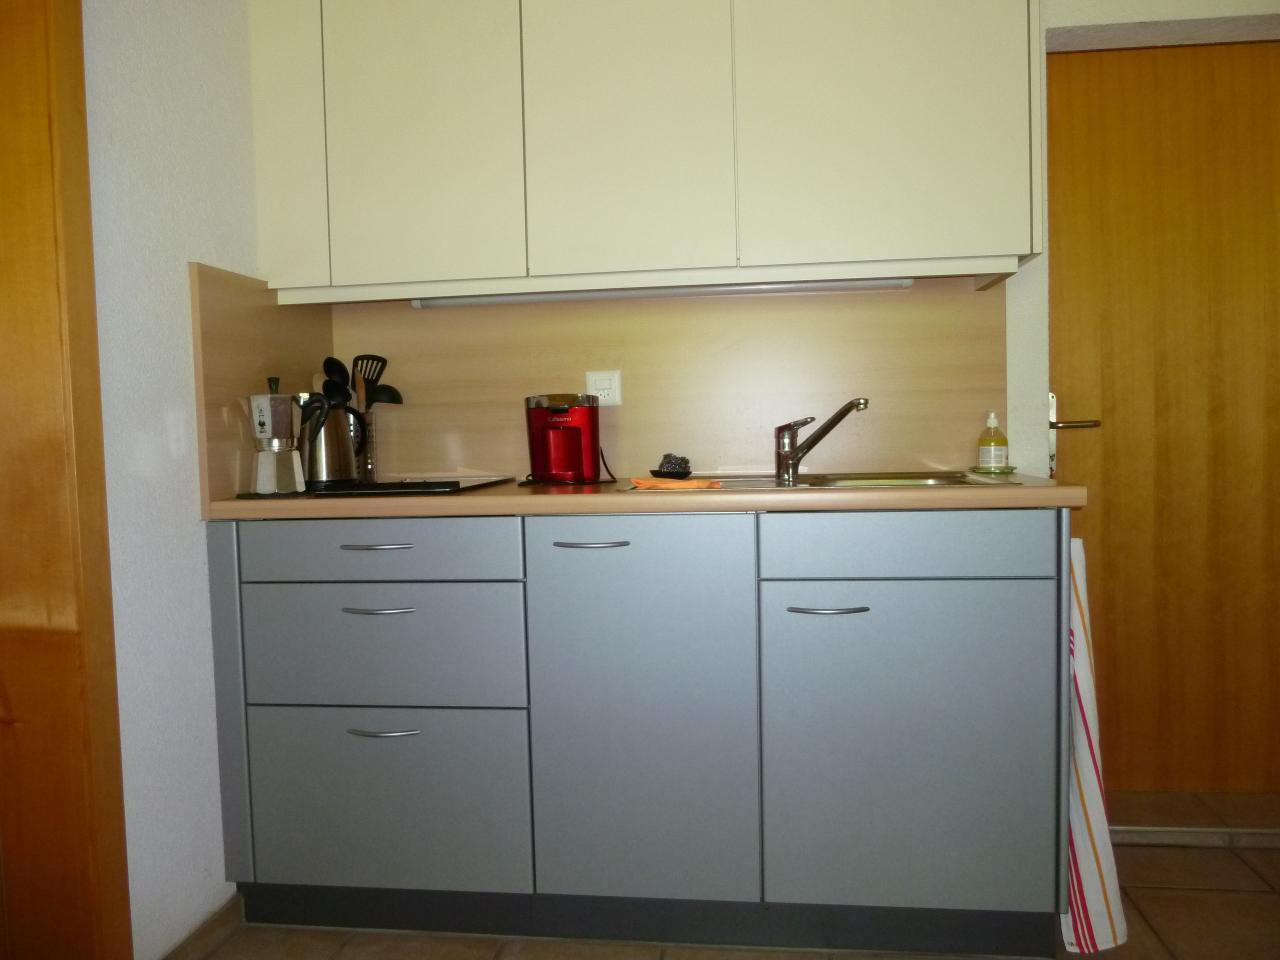 Appartement de vacances 2-Zimmer Wohnung im Ferienparadies Kandertal (2385249), Kandergrund, Adelboden - Frutigen - Kandersteg, Oberland bernois, Suisse, image 13